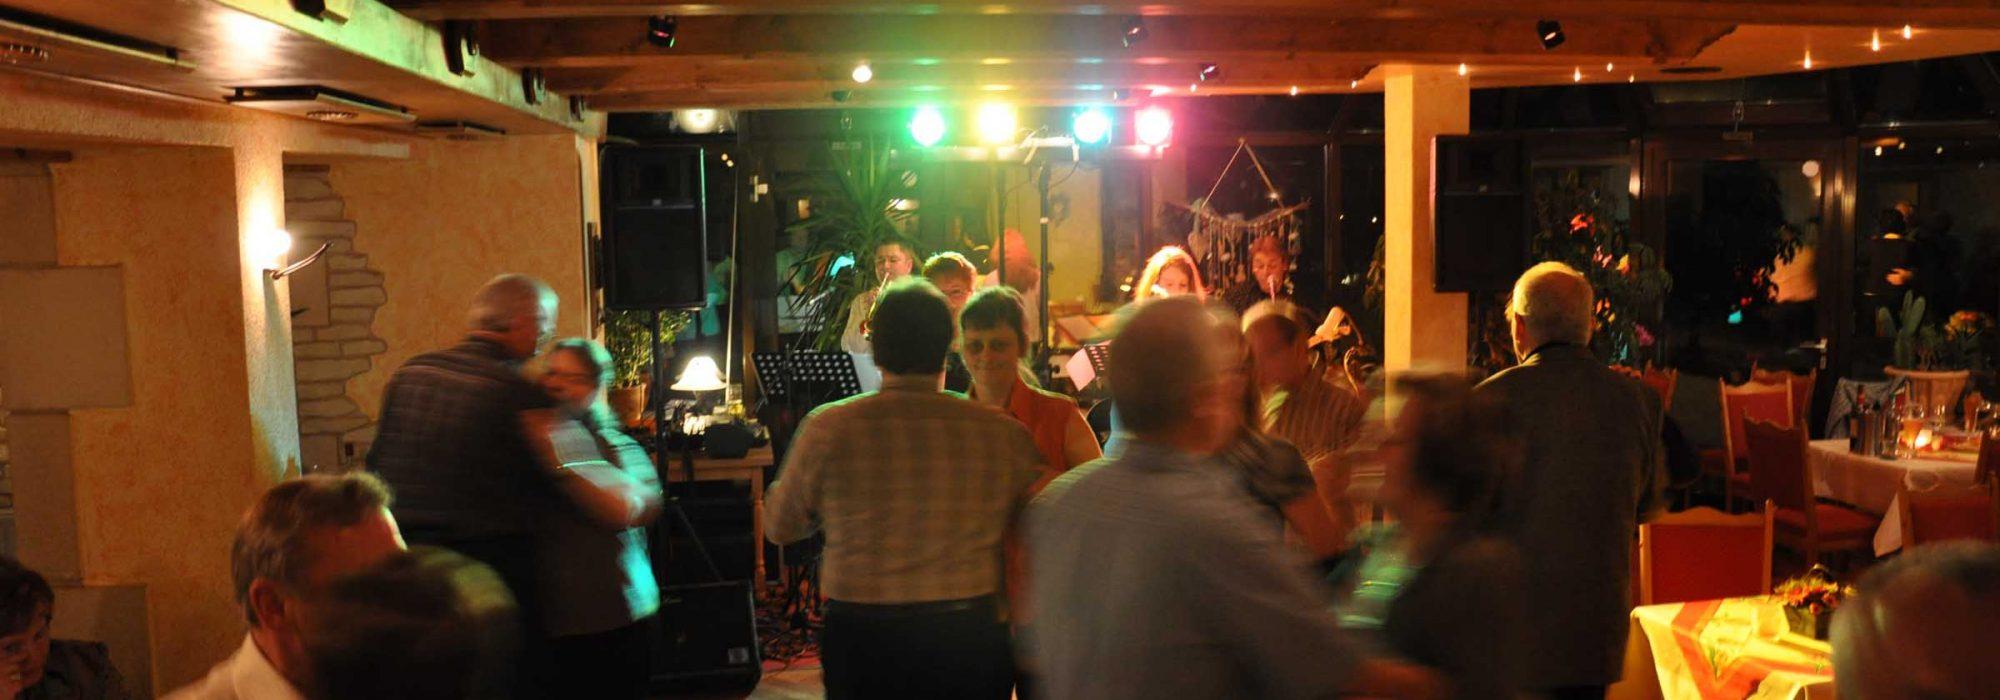 Tanz im Gasthof